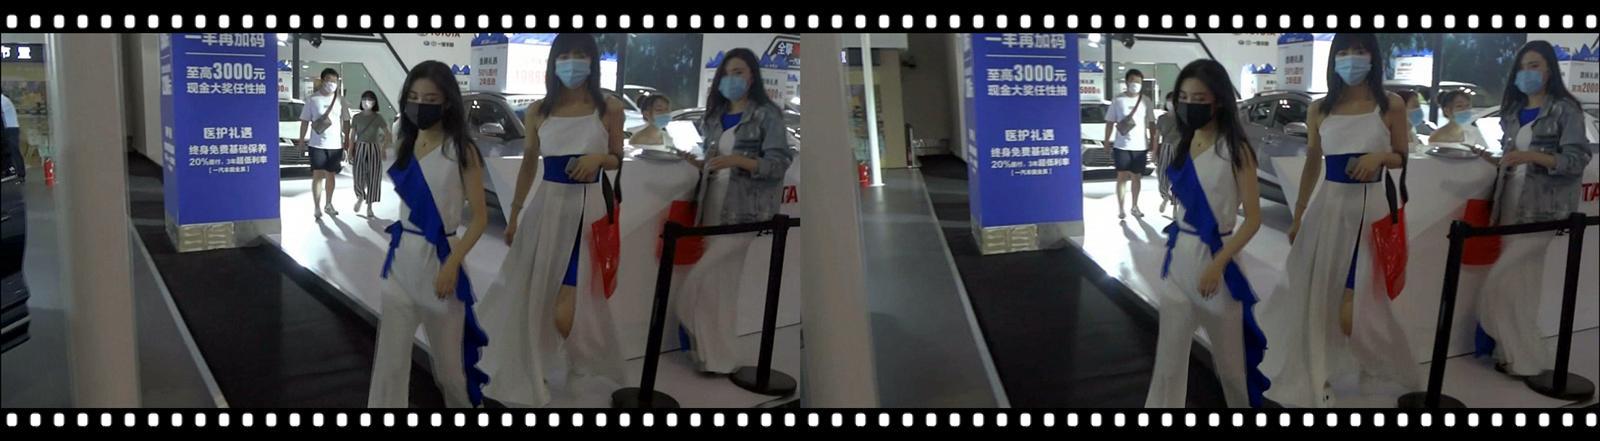 【原创】3D微电影 截图-1